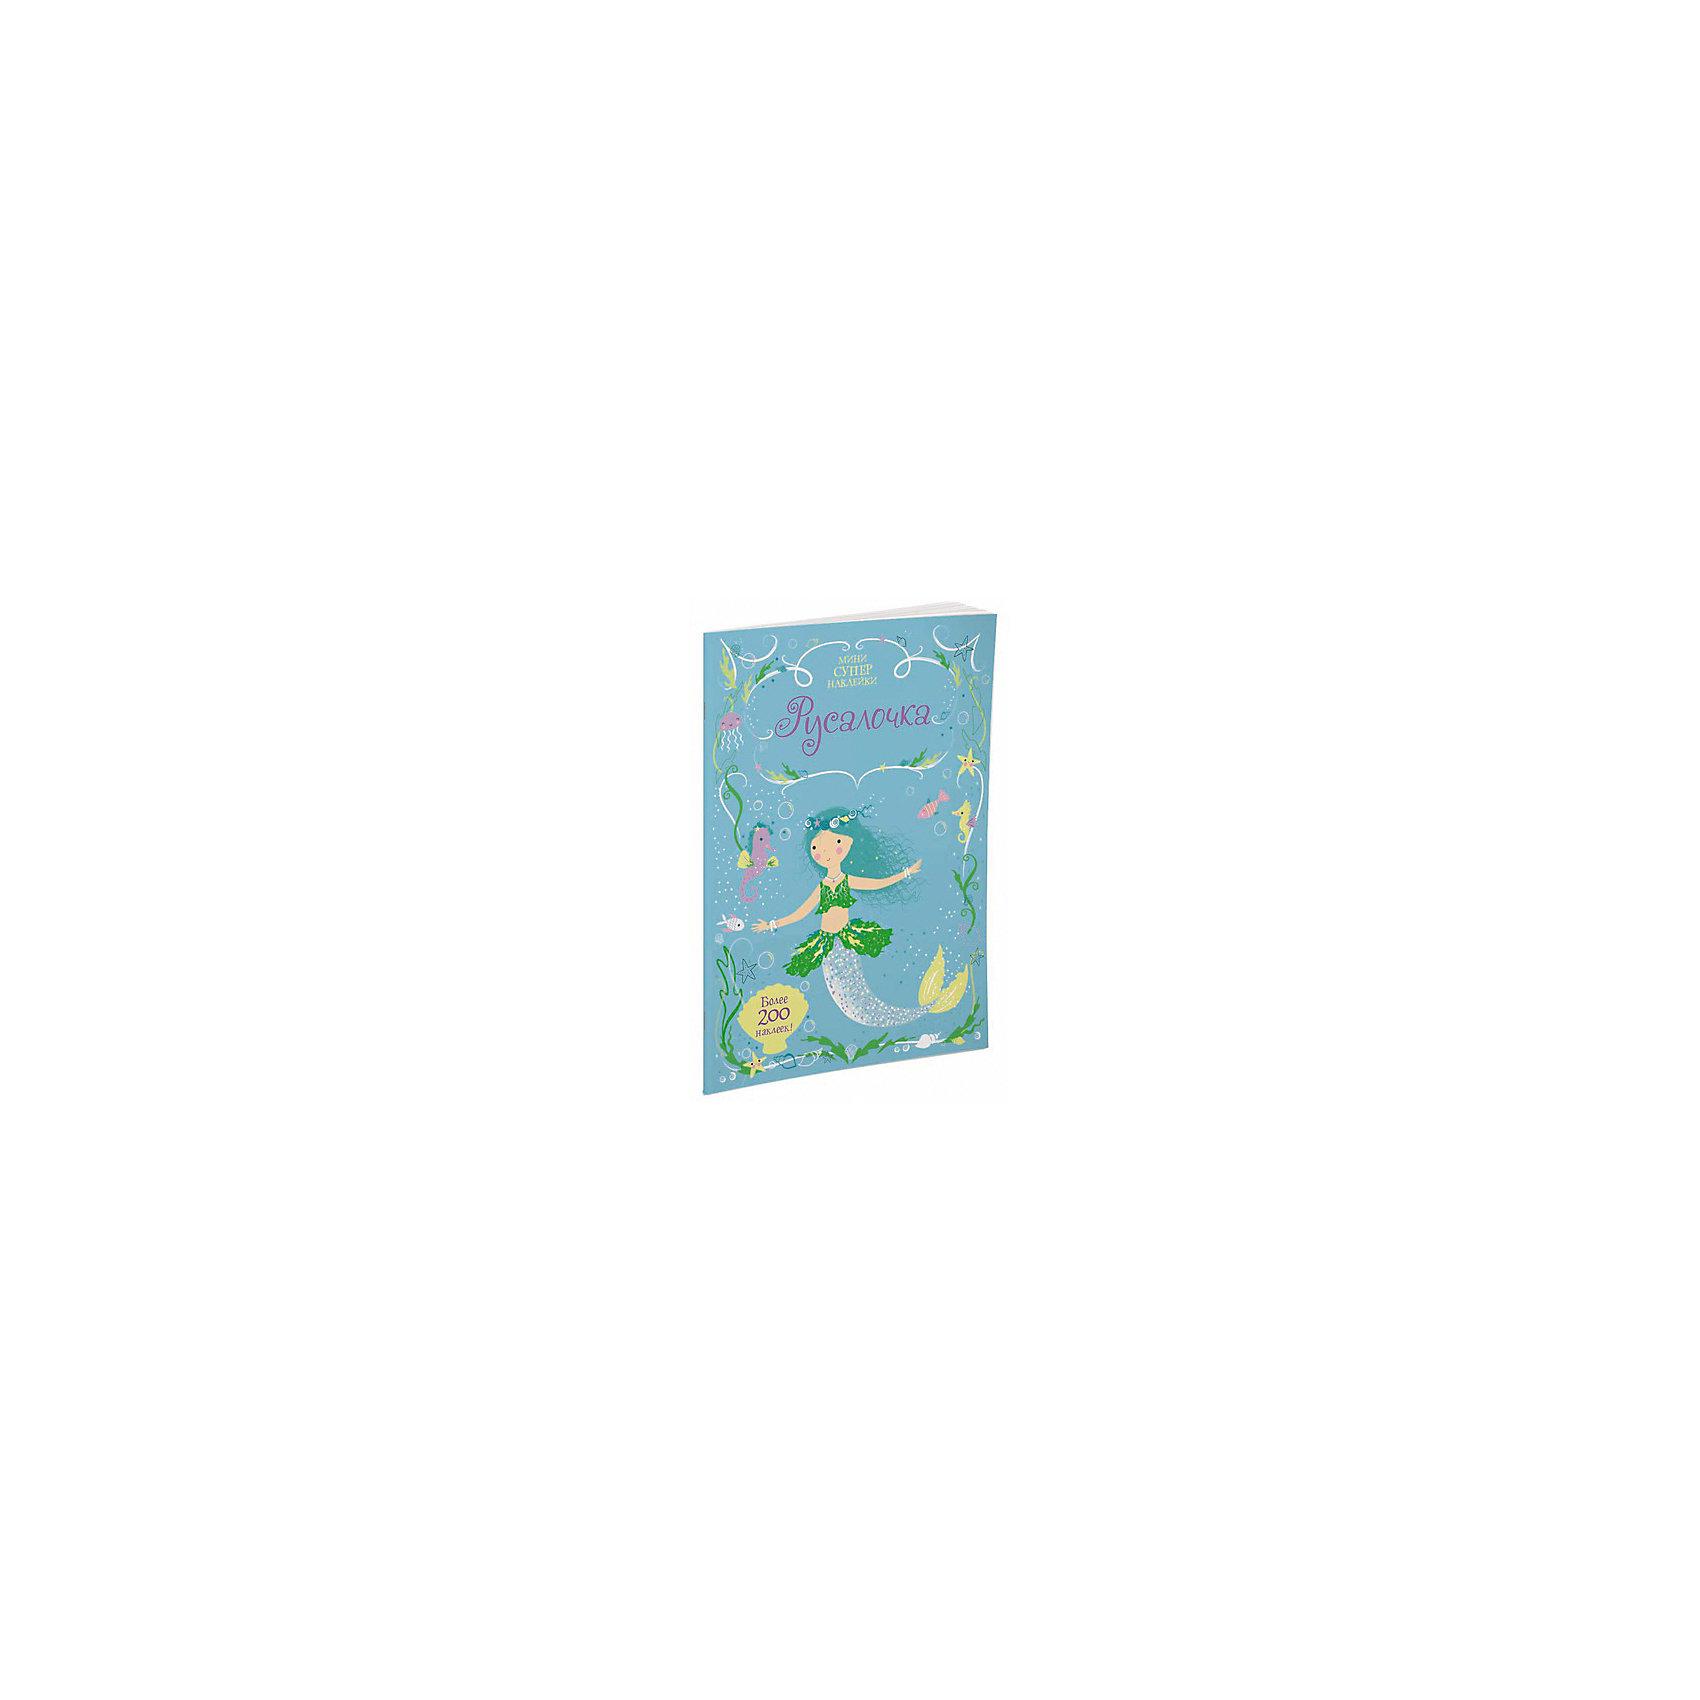 Книжка с наклейками РусалочкаМахаон<br>Книжка с наклейками Русалочка.<br><br>Характеристики:<br><br>• Для детей в возрасте: от 12 месяцев до 3 лет<br>• Автор: Ф. Уотт<br>• Иллюстратор: Л. Маккей<br>• Переводчик: Е. Егорова<br>• Издательство: Махаон, 2017 год<br>• Серия: Супернаклейки-мини<br>• Тип обложки: мягкий переплет (крепление скрепкой или клеем)<br>• Оформление: с наклейками (более 200 наклеек)<br>• Иллюстрации: цветные<br>• Количество страниц: 24<br>• Размер: 240х170х2 мм.<br>• Вес: 167 гр.<br>• ISBN: 9785389124066<br><br>Подбери русалочке Марике и её подружкам красивые наряды для прогулок по подводному царству и познакомься с морскими обитателями. Читаем и играем! Развиваем внимание, воображение, мелкую моторику и художественный вкус.<br><br>Книжку с наклейками Русалочка можно купить в нашем интернет-магазине.<br><br>Ширина мм: 240<br>Глубина мм: 170<br>Высота мм: 20<br>Вес г: 167<br>Возраст от месяцев: 12<br>Возраст до месяцев: 36<br>Пол: Женский<br>Возраст: Детский<br>SKU: 5493474